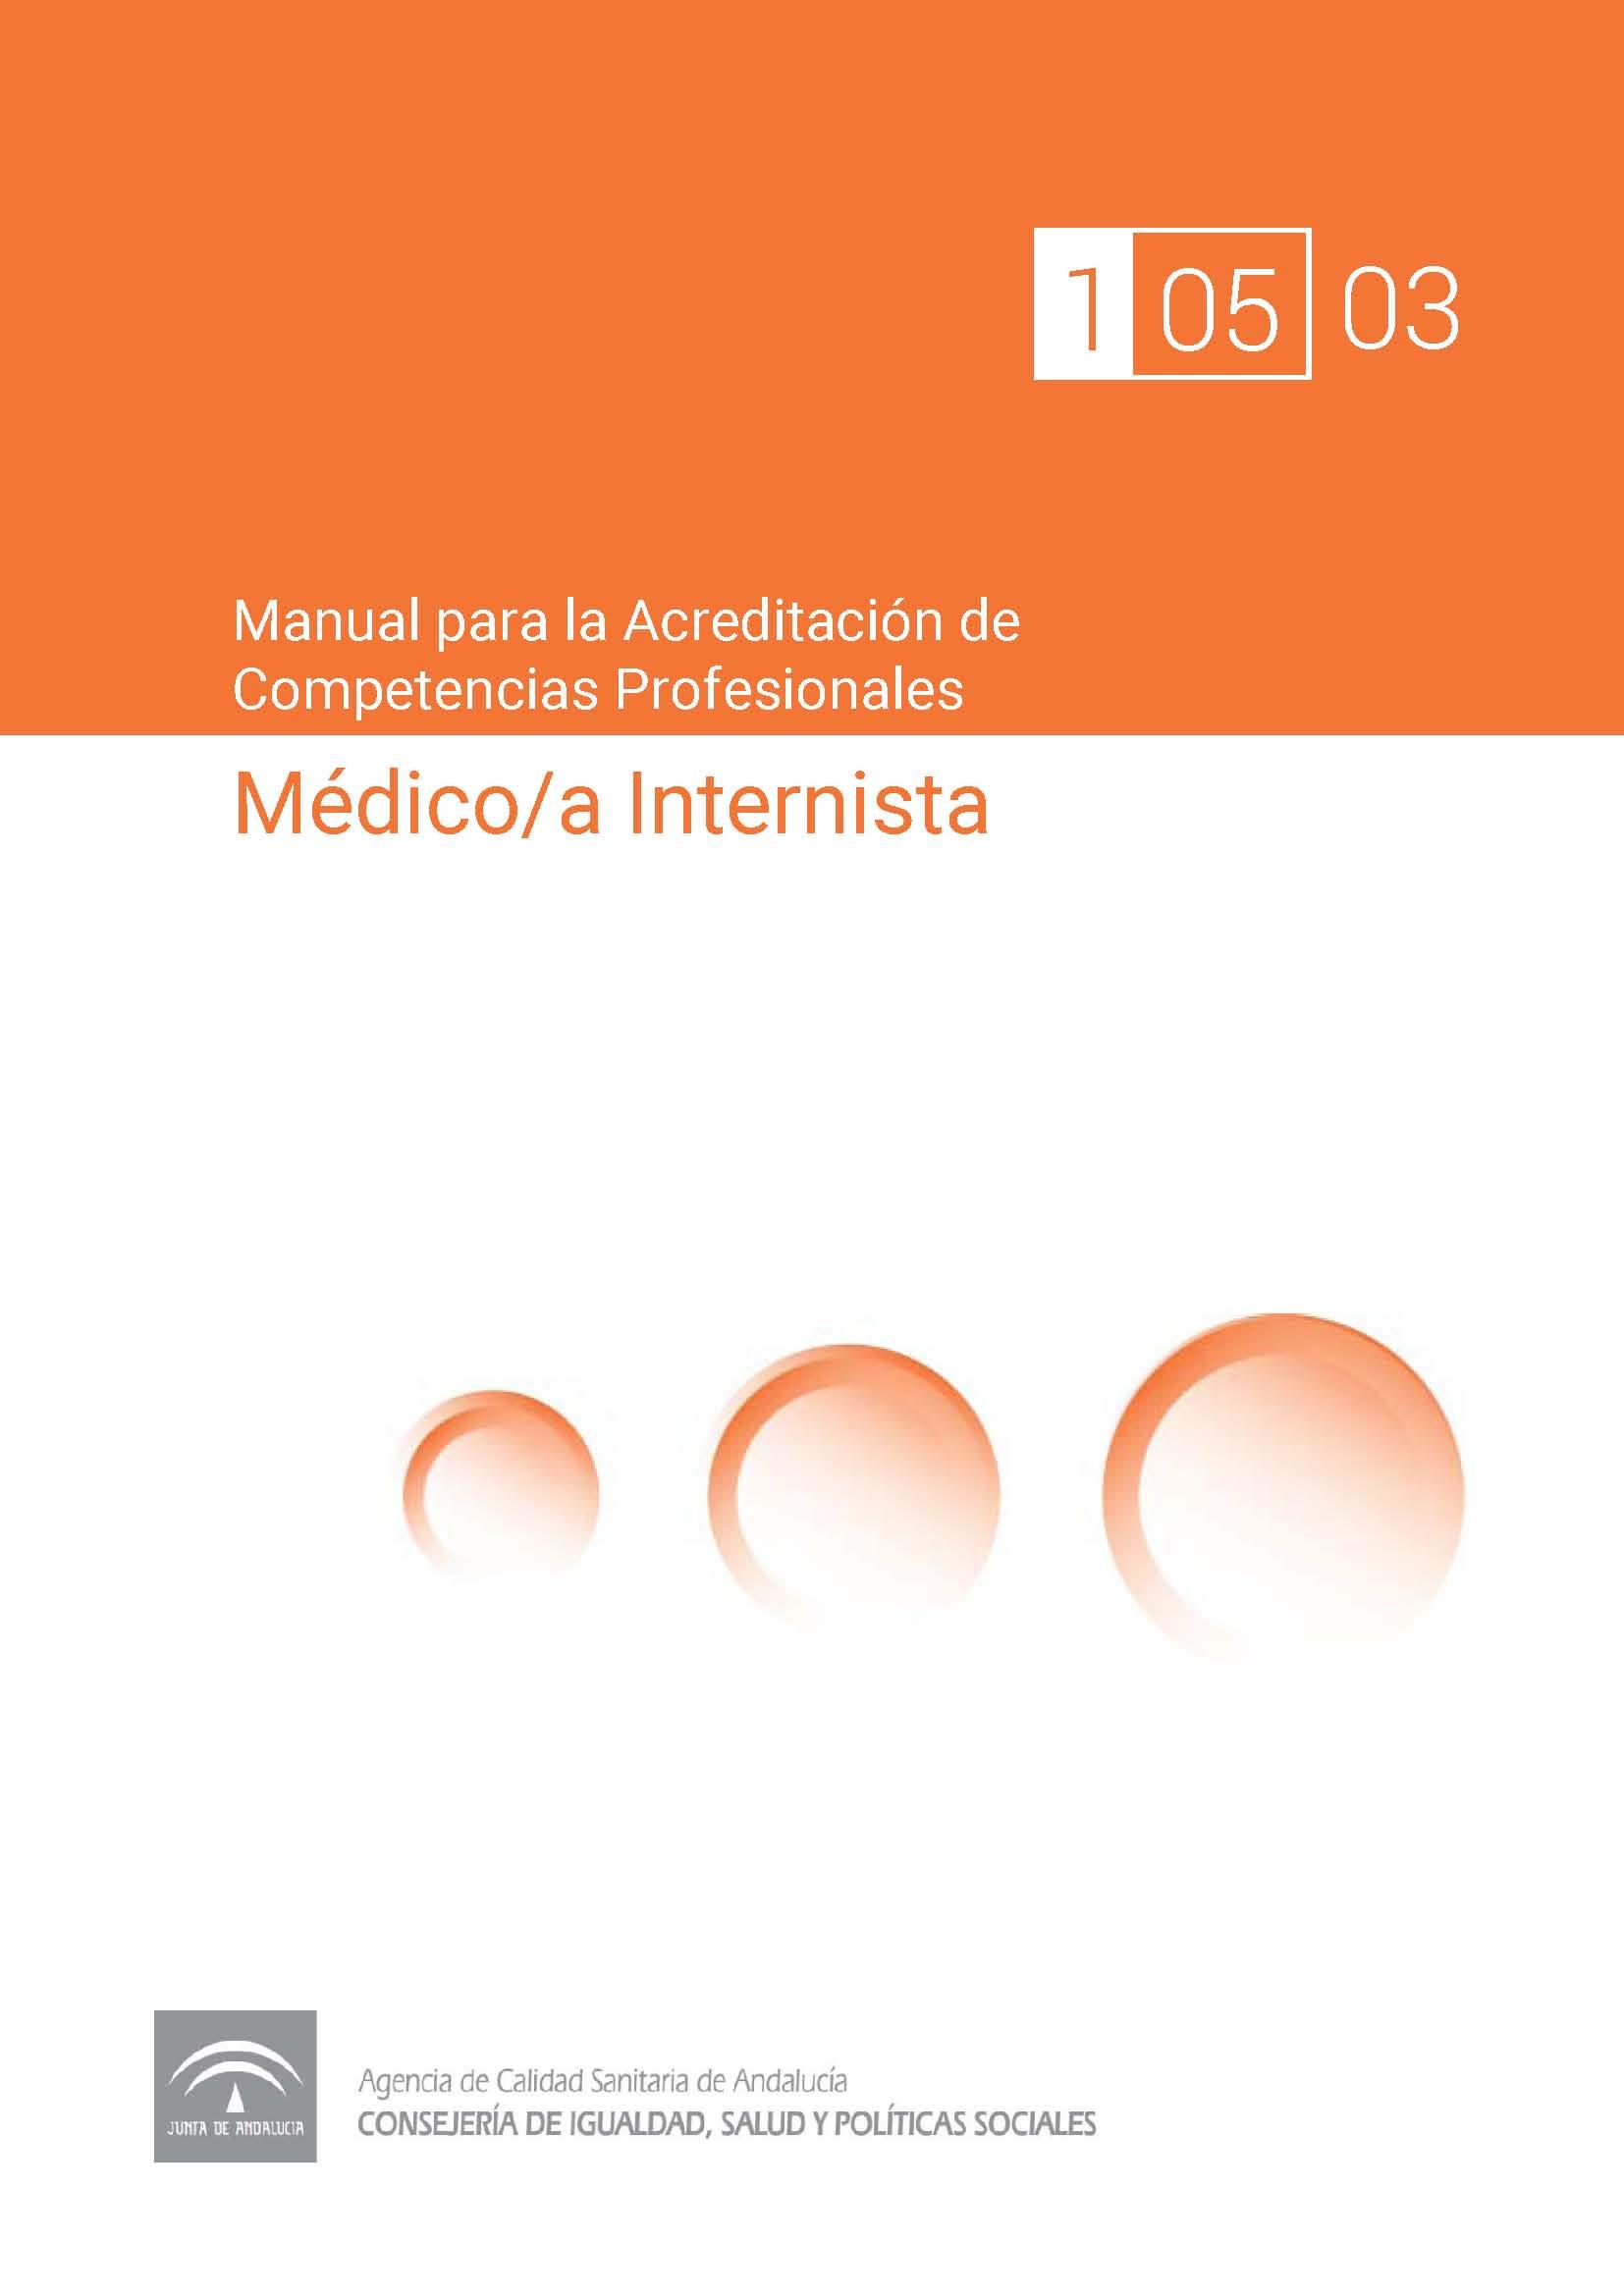 Manual de competencias profesionales del/de la Médico/a Internista